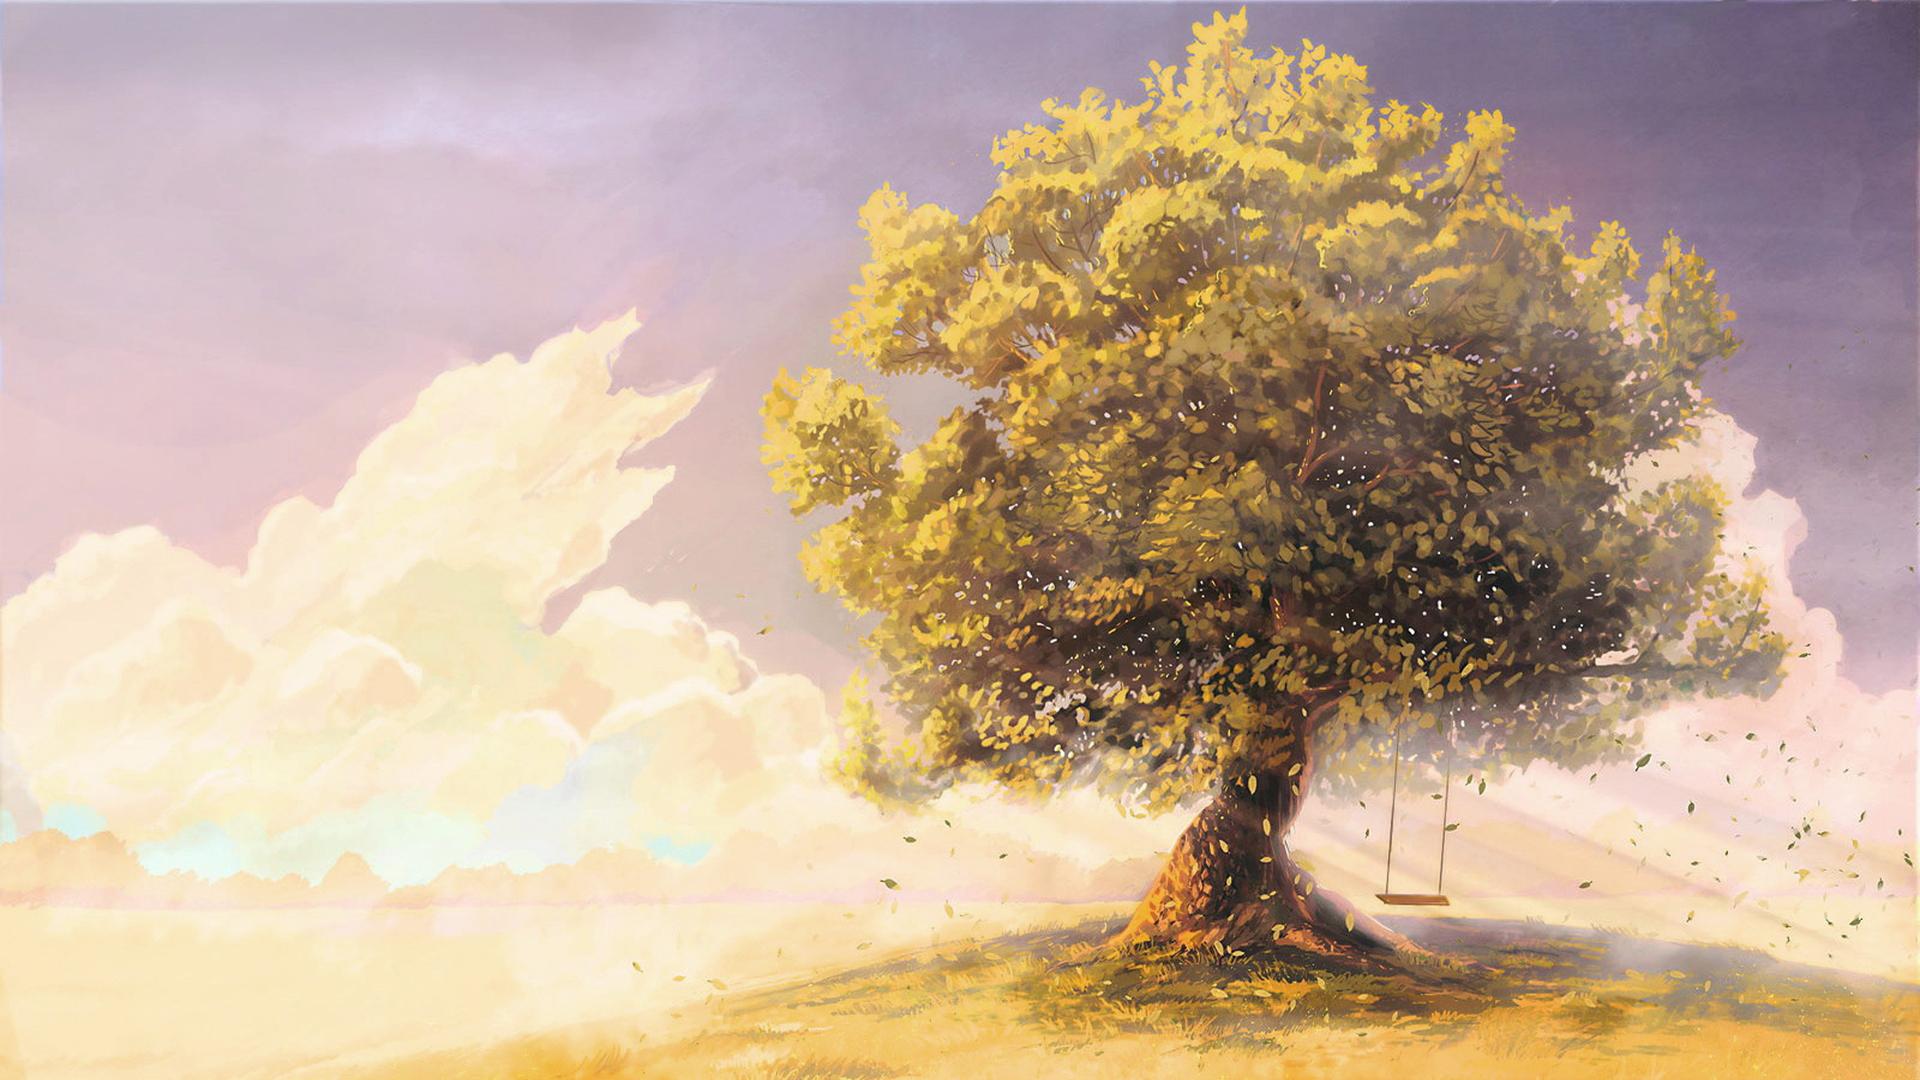 удивление красивые картины с деревьями врасплох пляжах